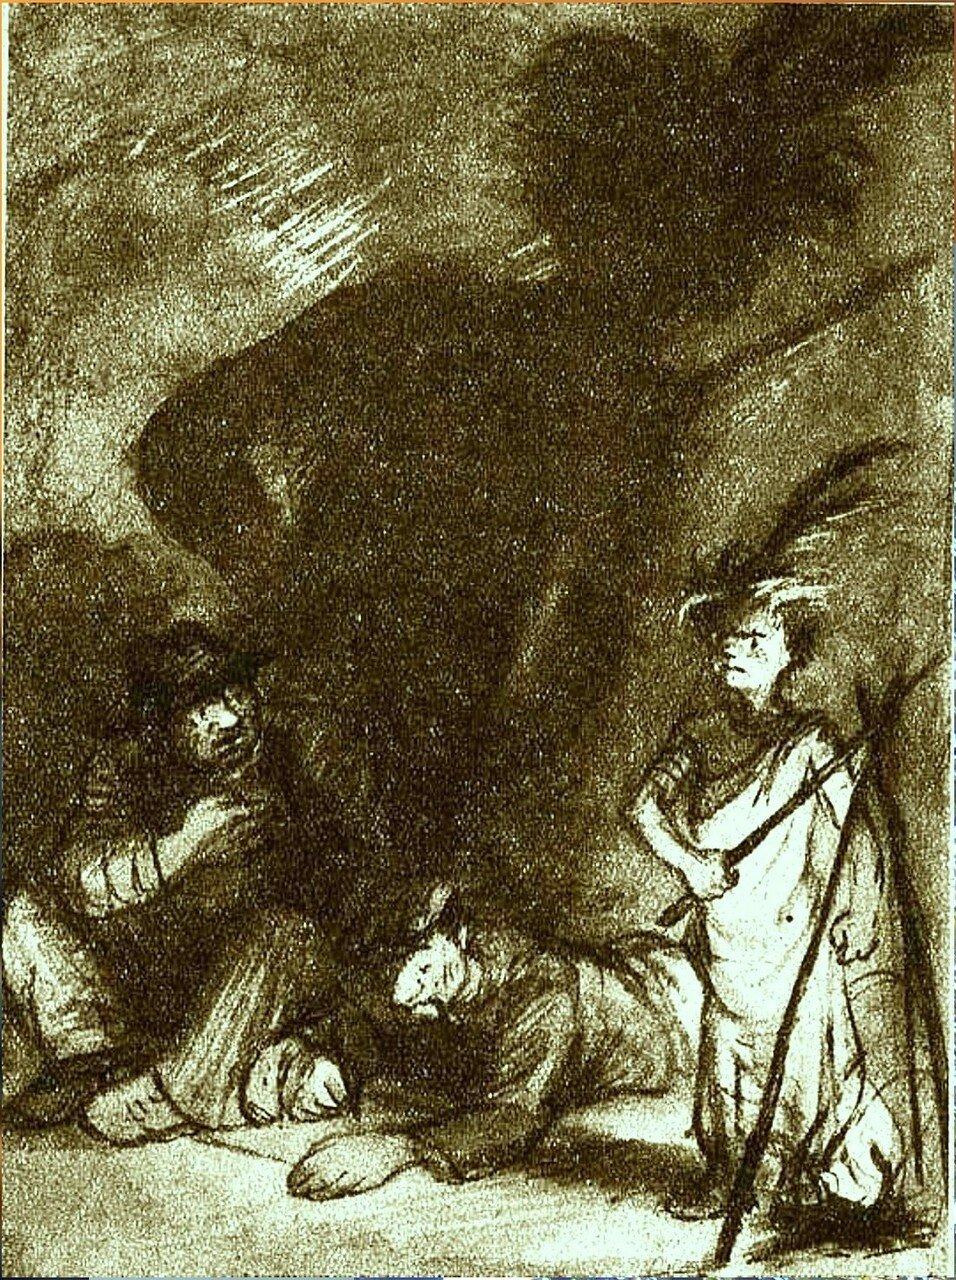 Рисунки художника Ф. ПОЛЕЩУК к произведению О Генри. Вождь краснокожих (3).jpg